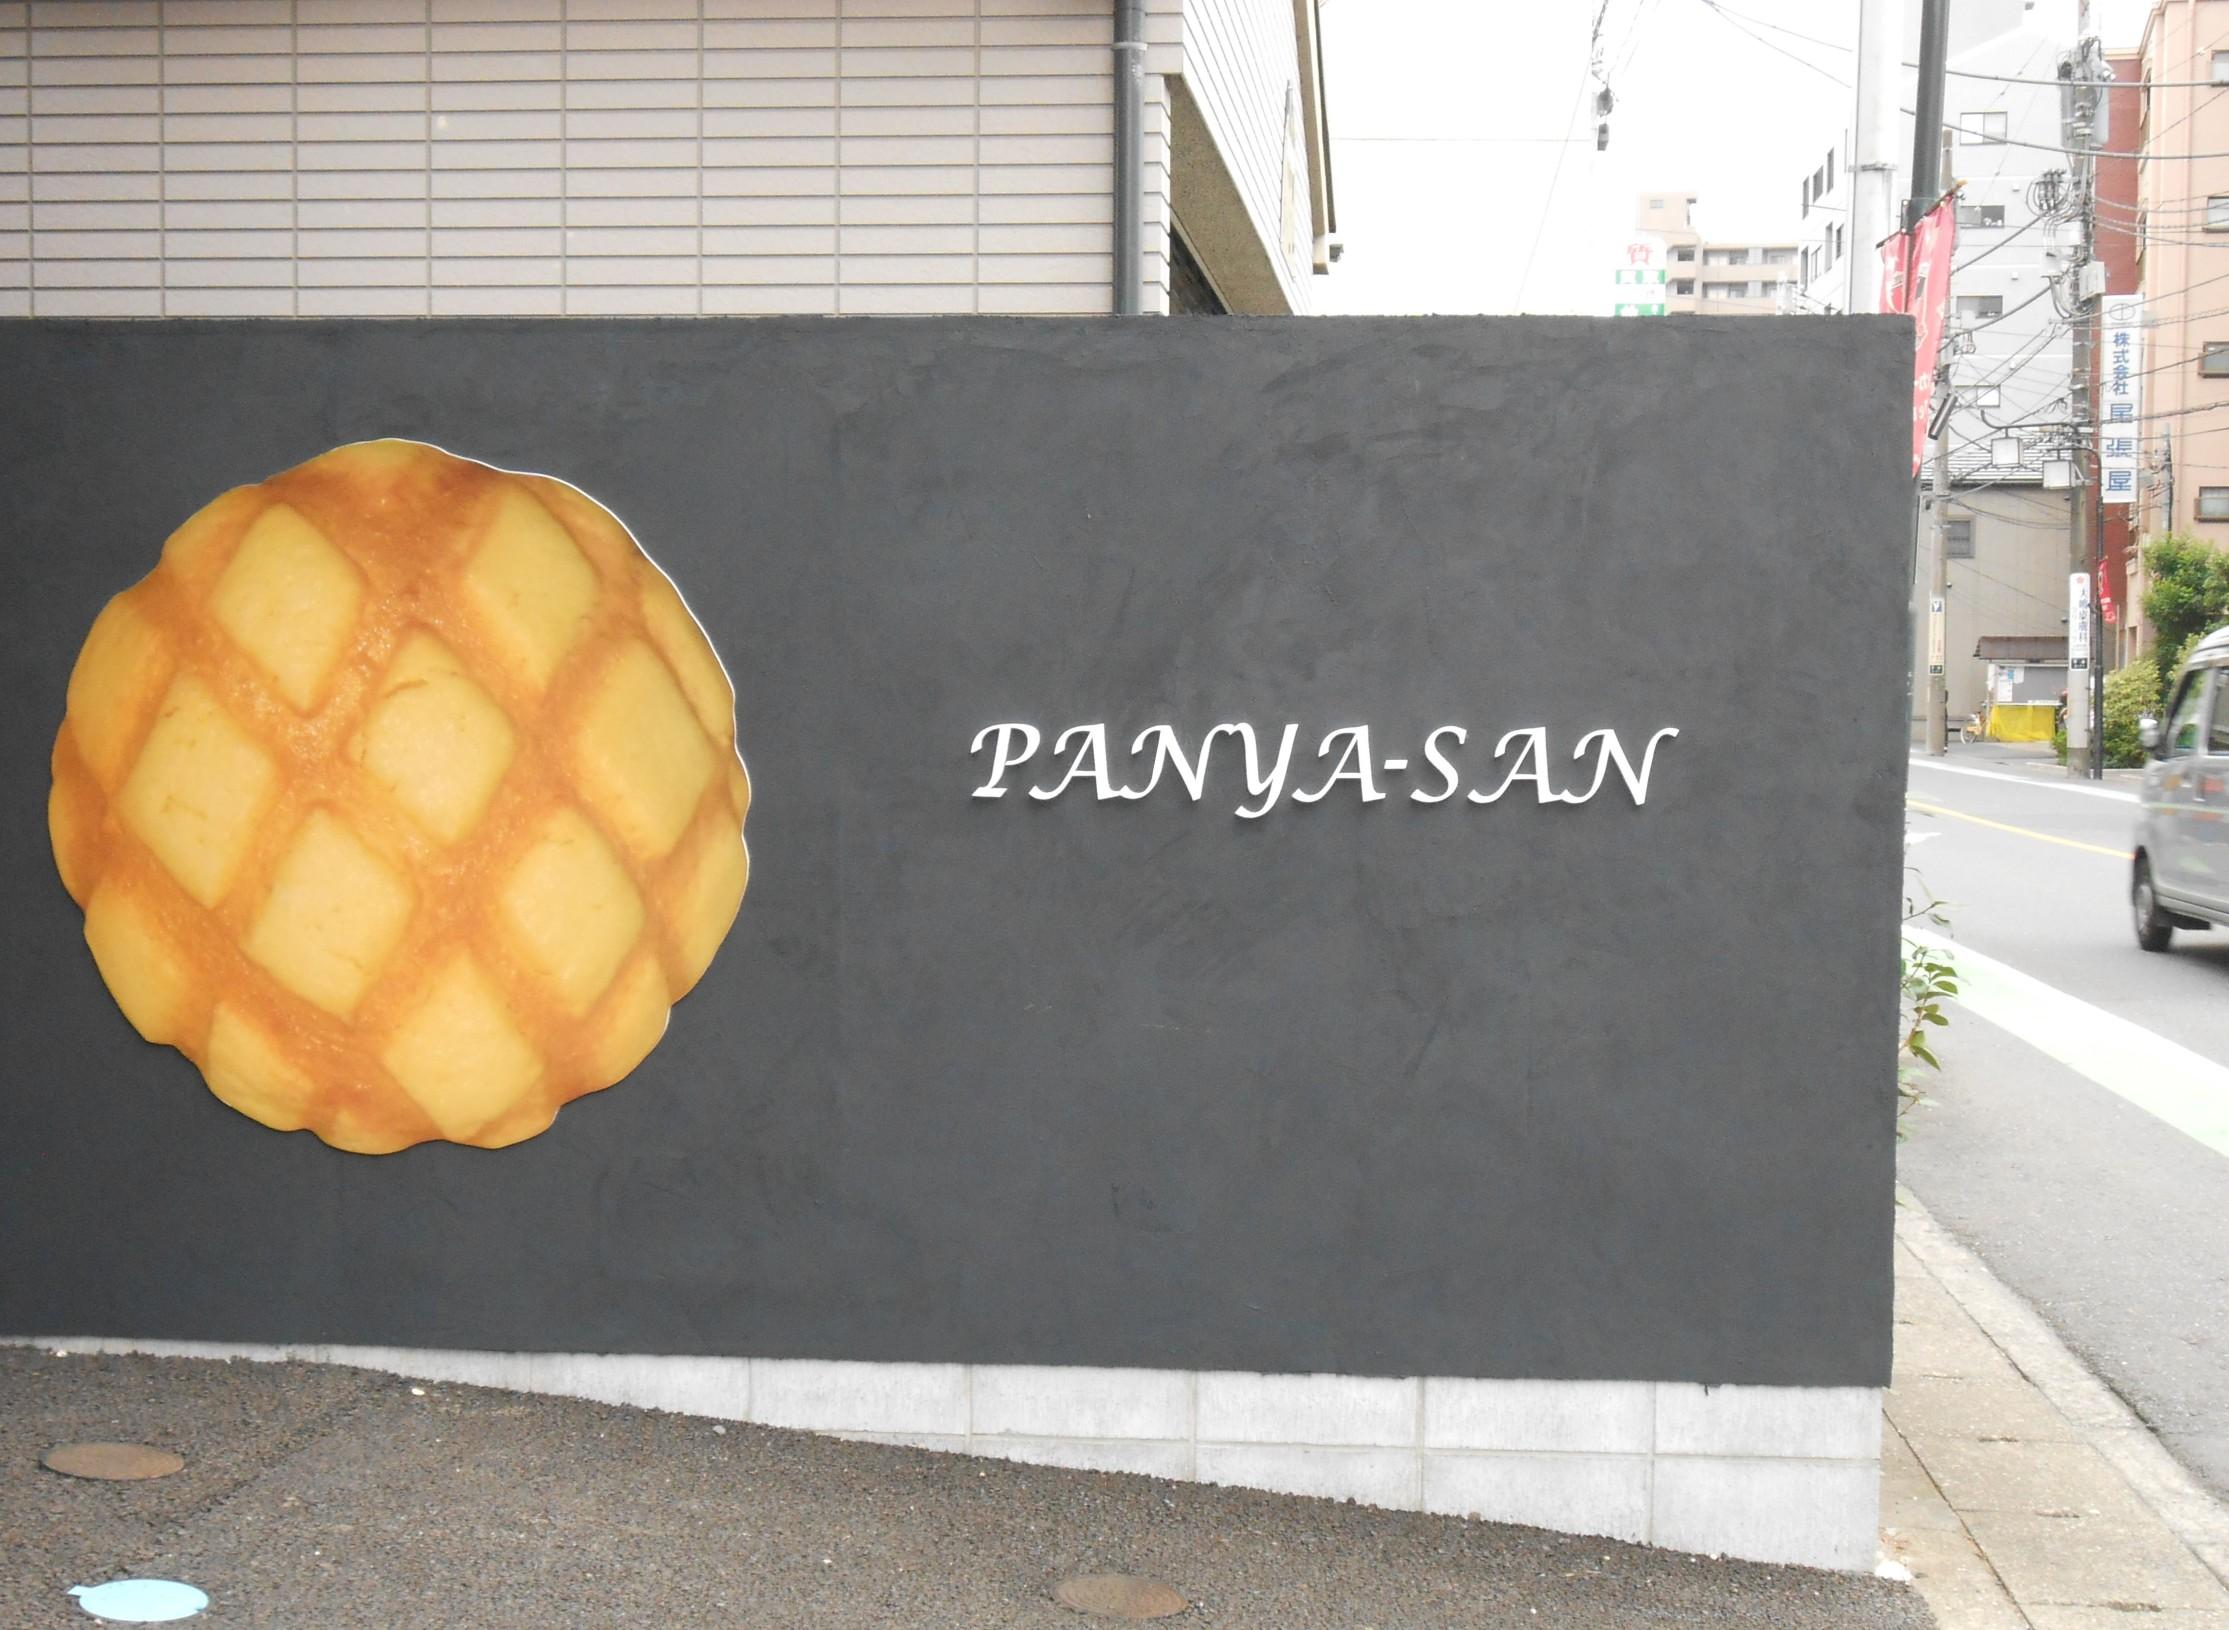 浦和区常盤にパン屋さんがオープン。その名はずばり「PANYA-SAN」